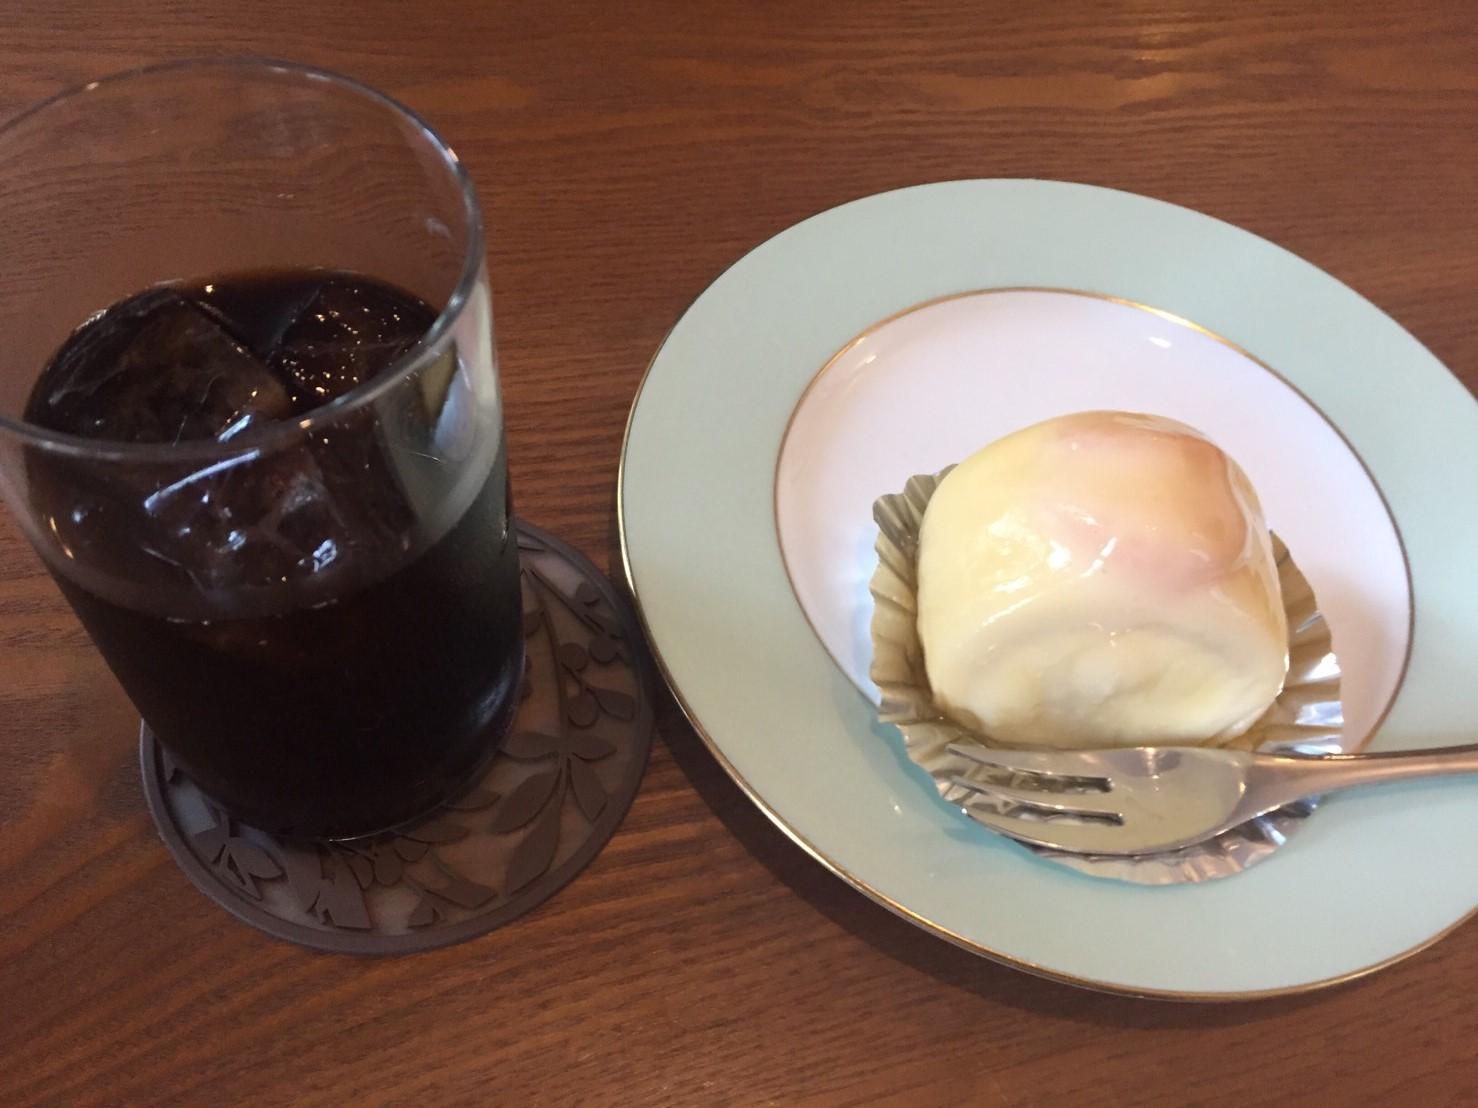 喫茶フォルダー 10_e0115904_03301035.jpg